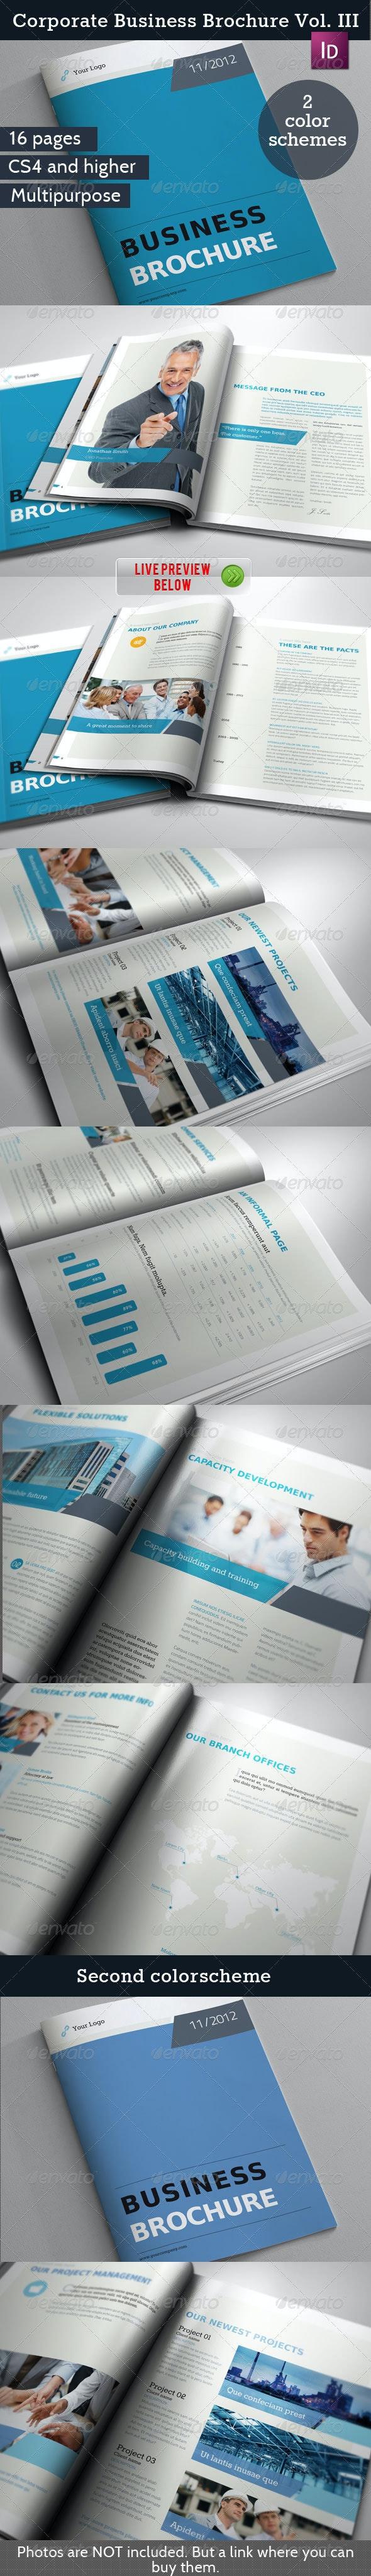 Business Brochure / Report Vol. II - Corporate Brochures